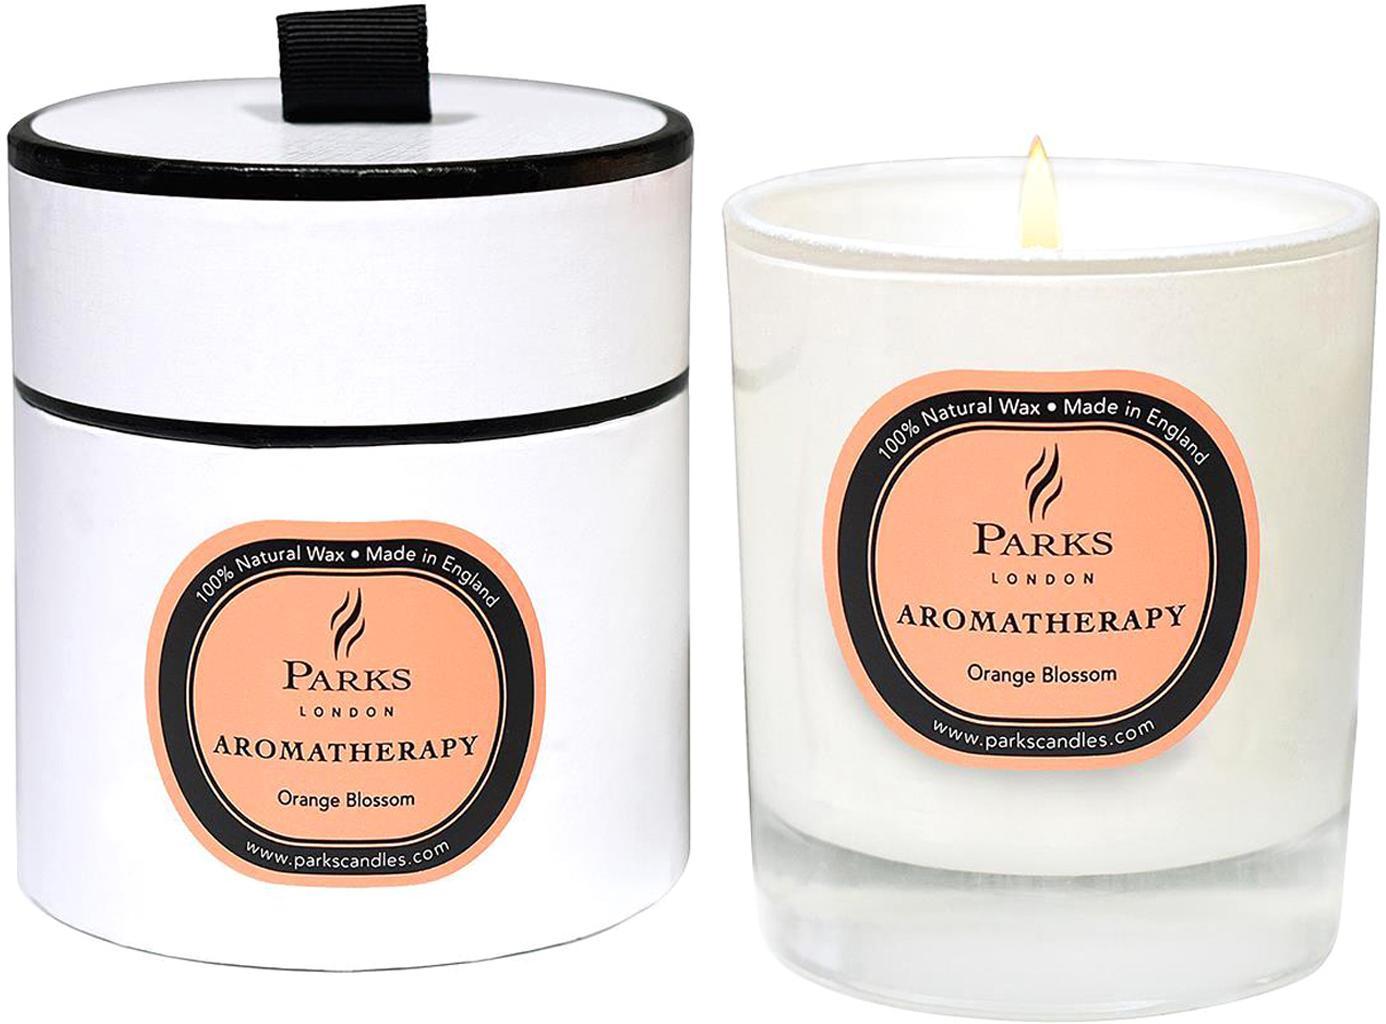 Duftkerze Aromatherapy (Orangenblüte), Behälter: Glas, Transparent, Weiss, Pfirsich, Ø 8 x H 9 cm